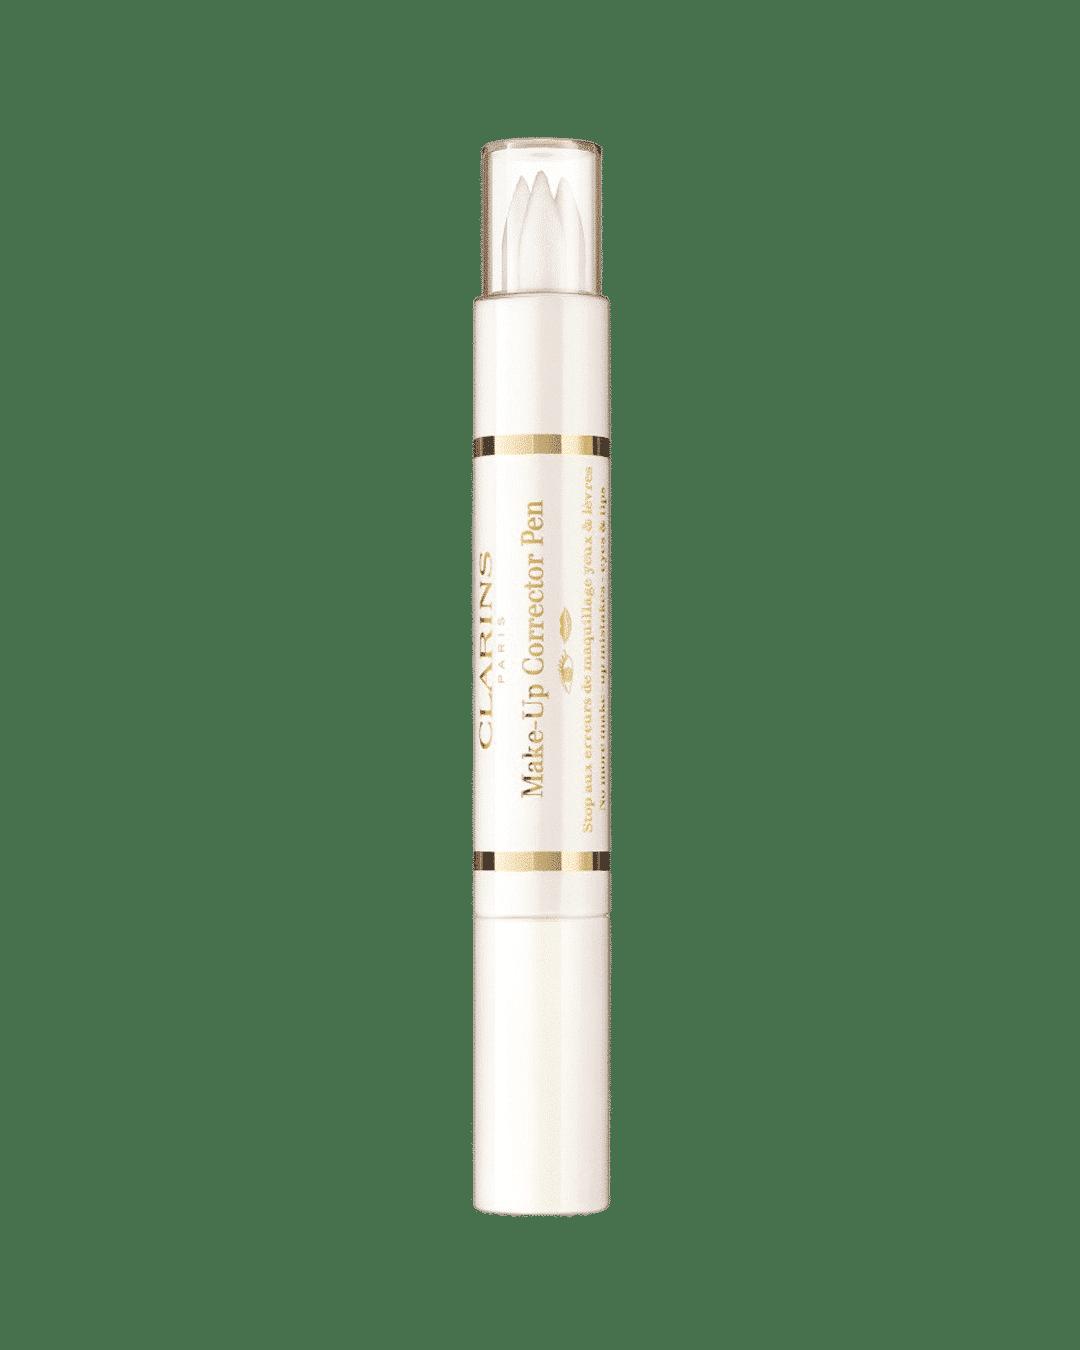 Make-up Corrector Pen 3ml